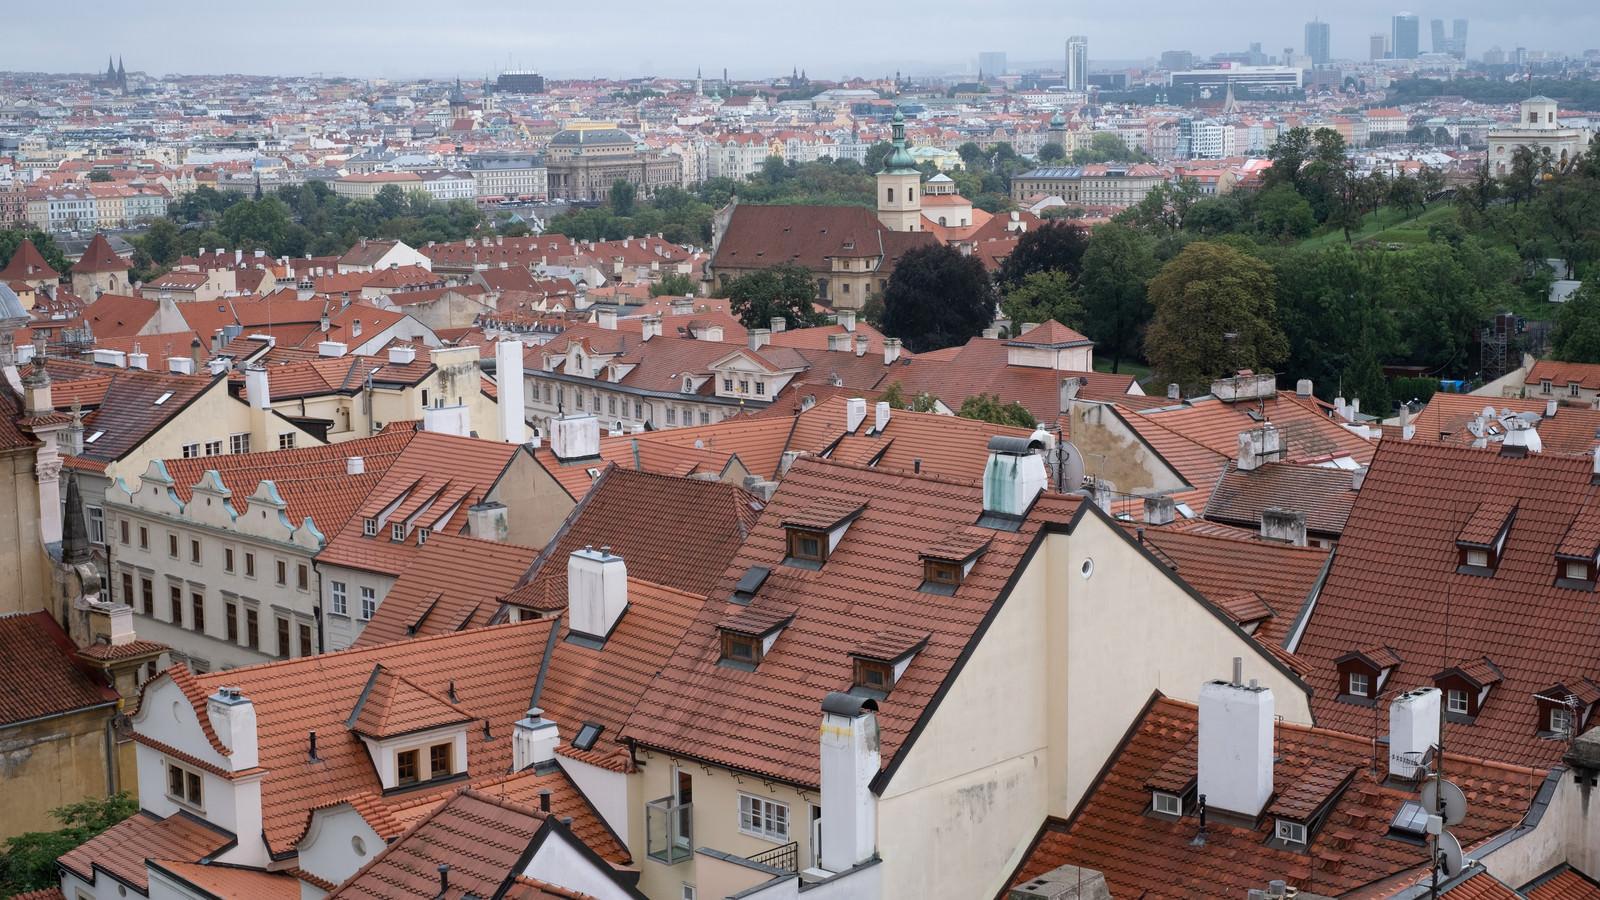 「赤茶色に統一された屋根(プラハ)」の写真